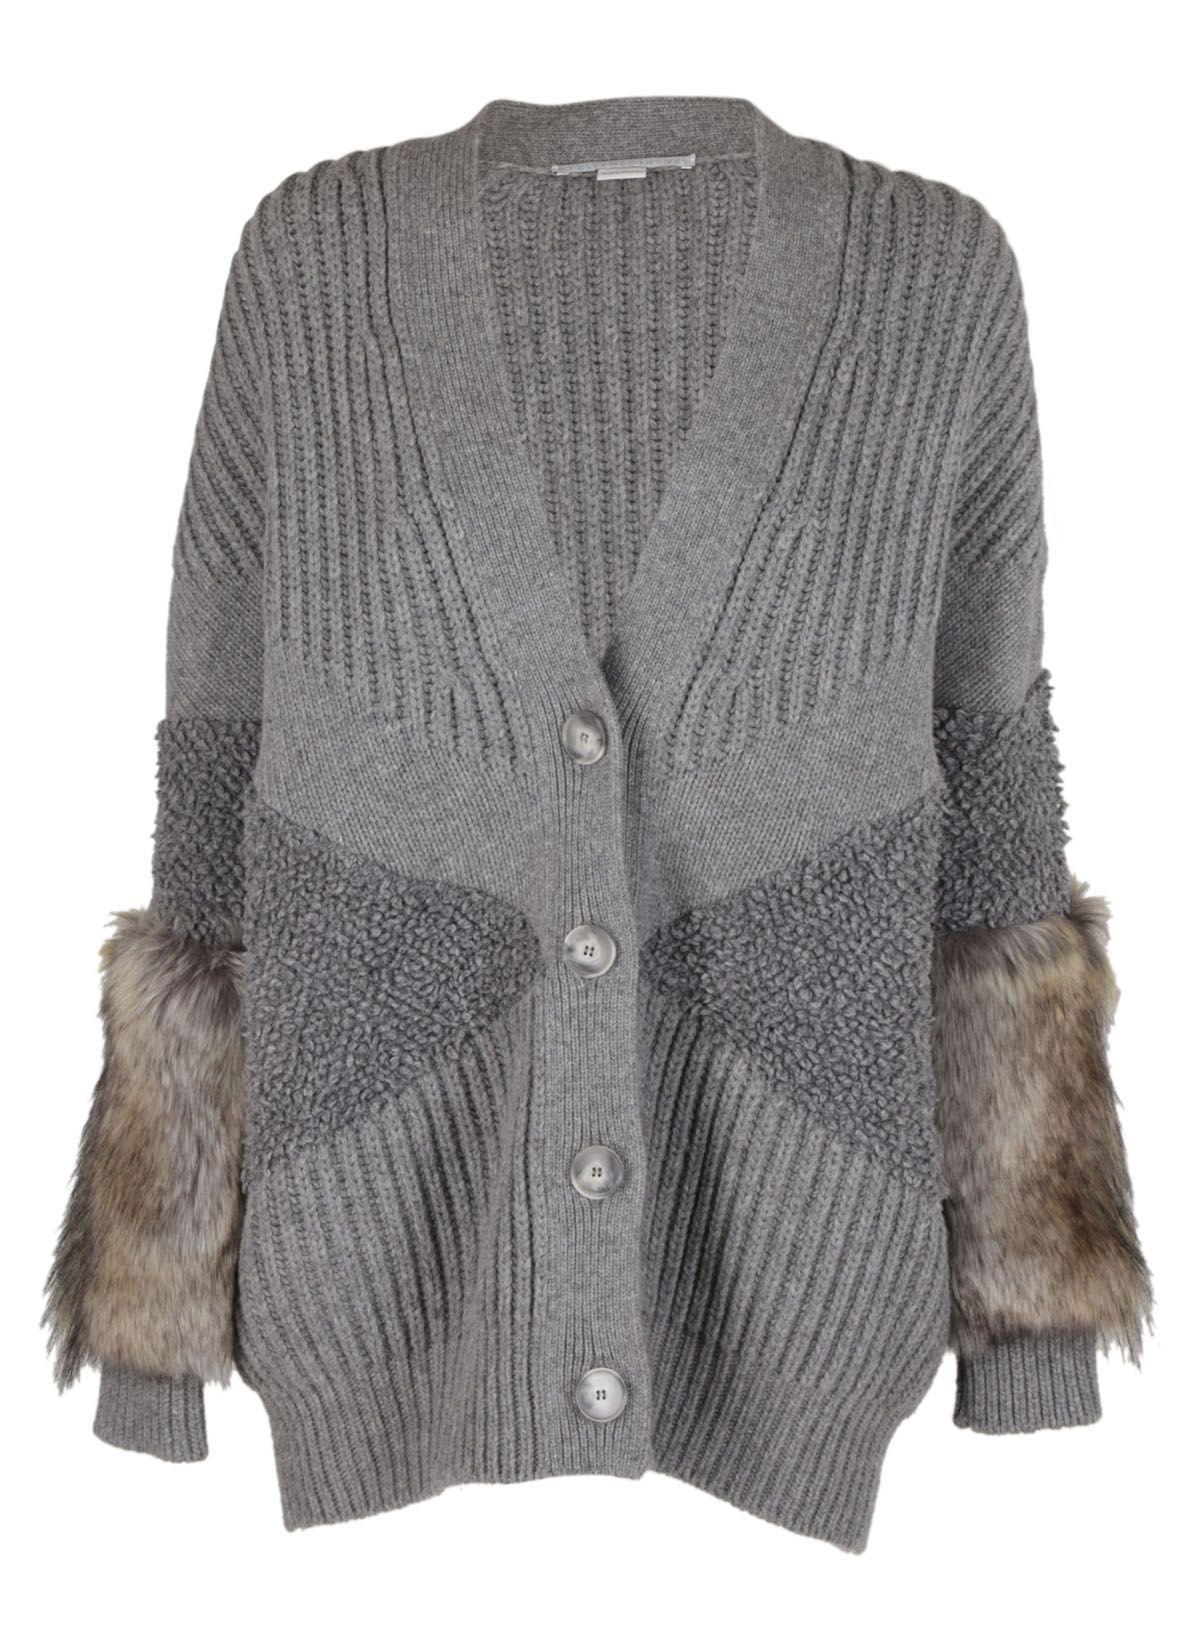 Stella Mccartney Fur Trimmed Cardigan